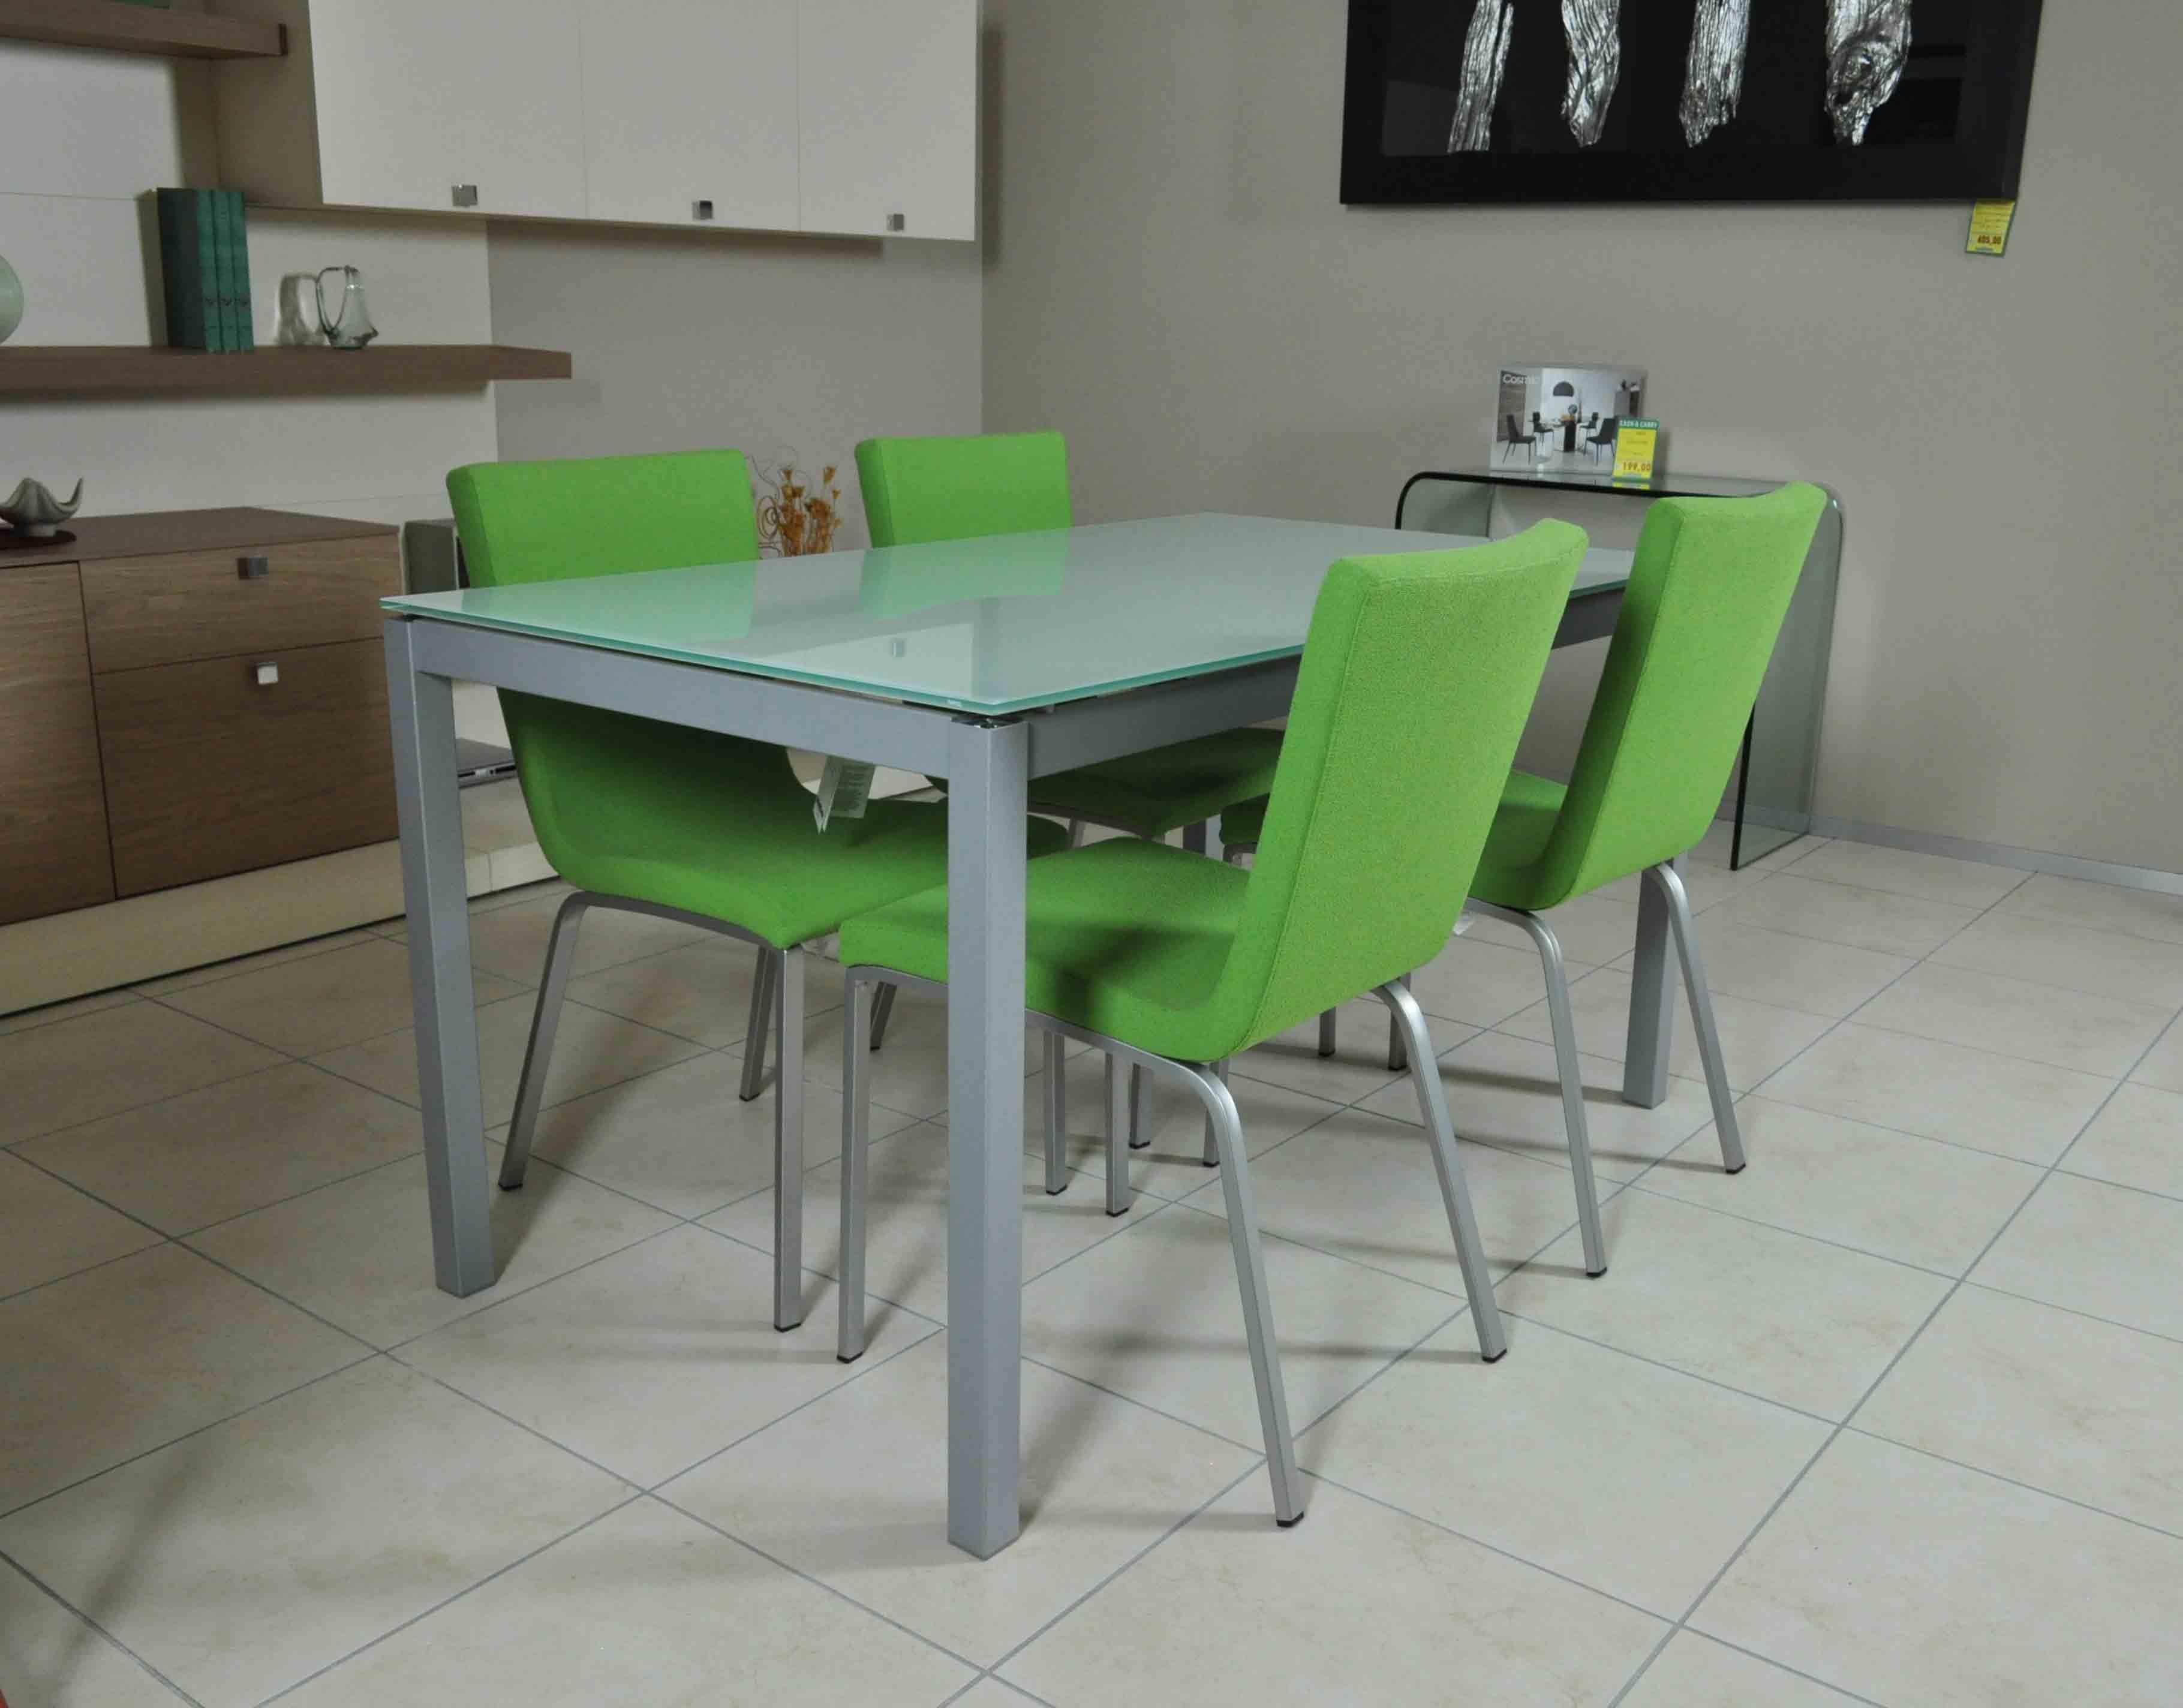 Quattro sedie calligaris imbottite in offerta sedie a for Tavoli calligaris in offerta